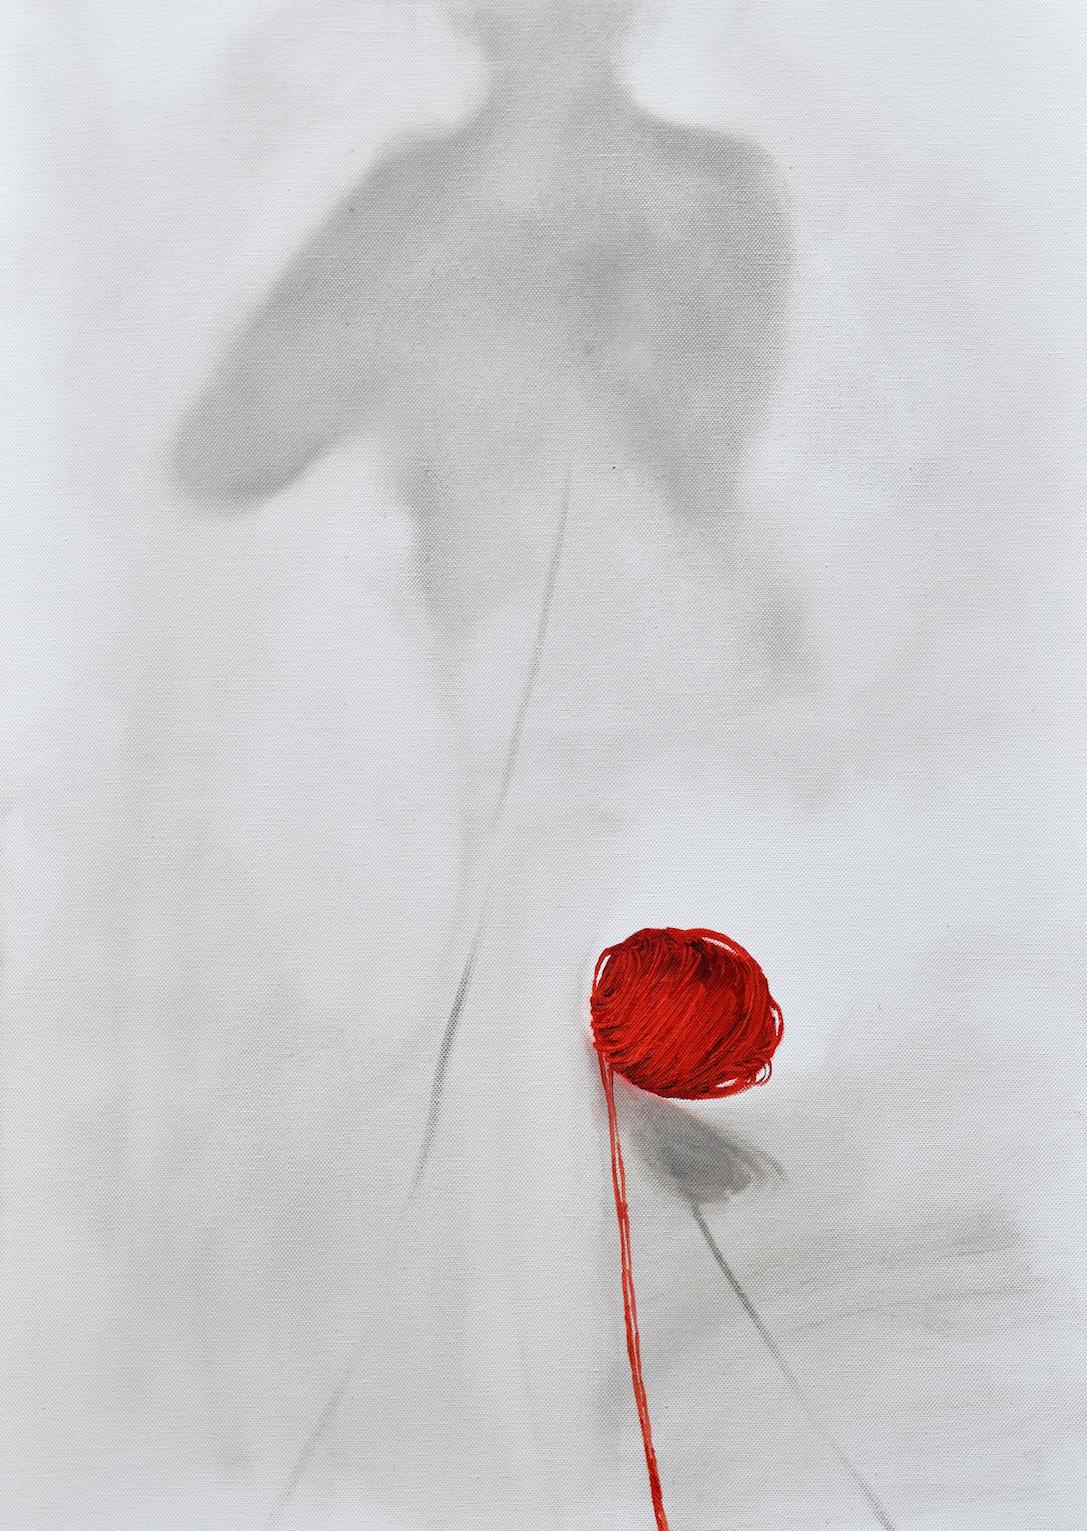 Ombra e gomitolo, 2017, 80x50, olio su tela